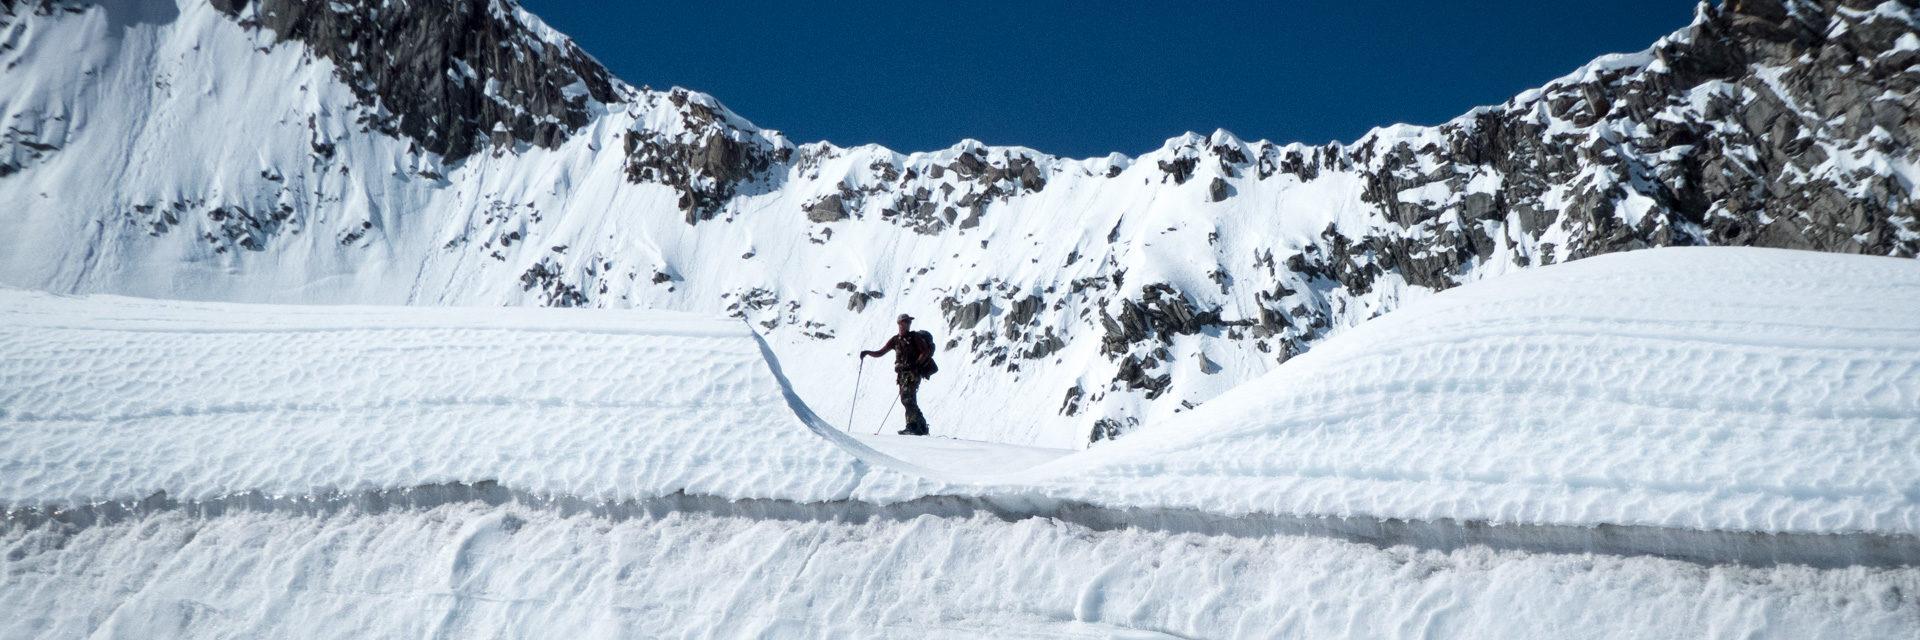 Maarten van Komen on the glacier